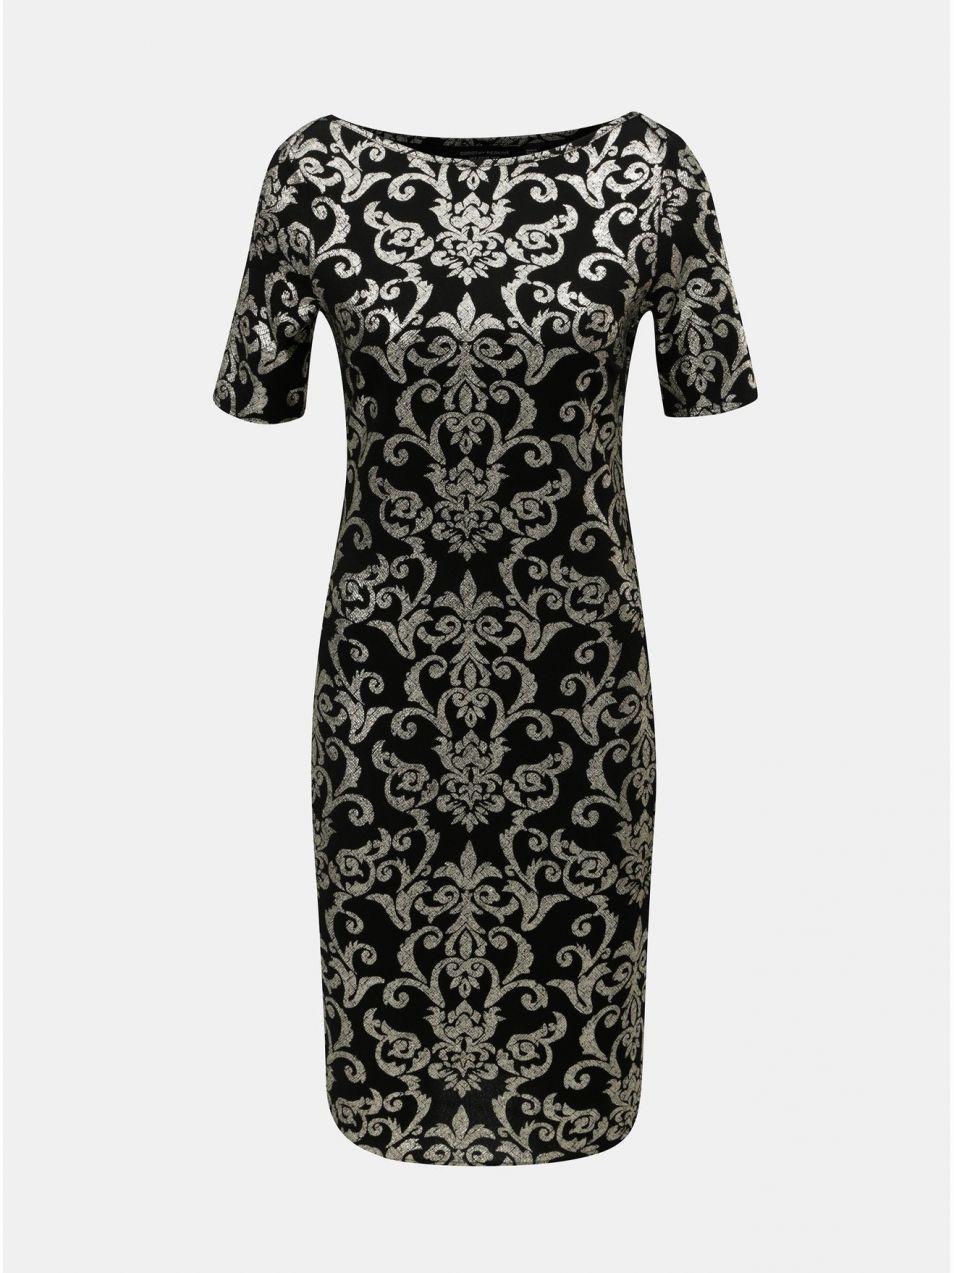 179ba10adc9d Puzdrové vzorované šaty v zlato–čiernej farbe Dorothy Perkins značky  Dorothy Perkins - Lovely.sk